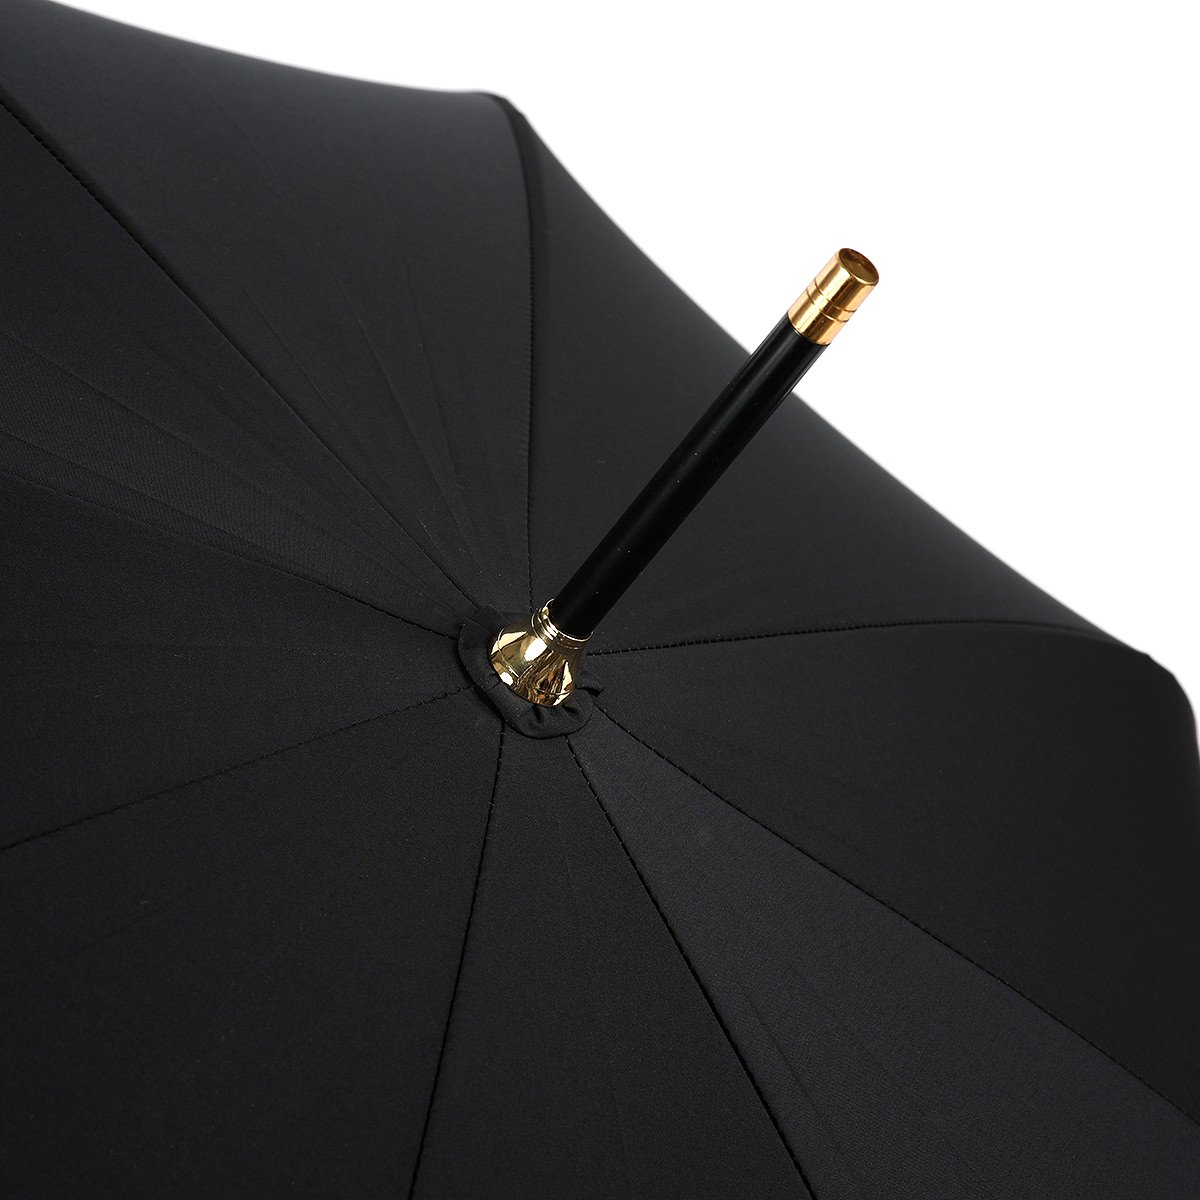 強力撥水 レインドロップ レディース レクタス エゴ 長傘(58cm) 詳細画像9